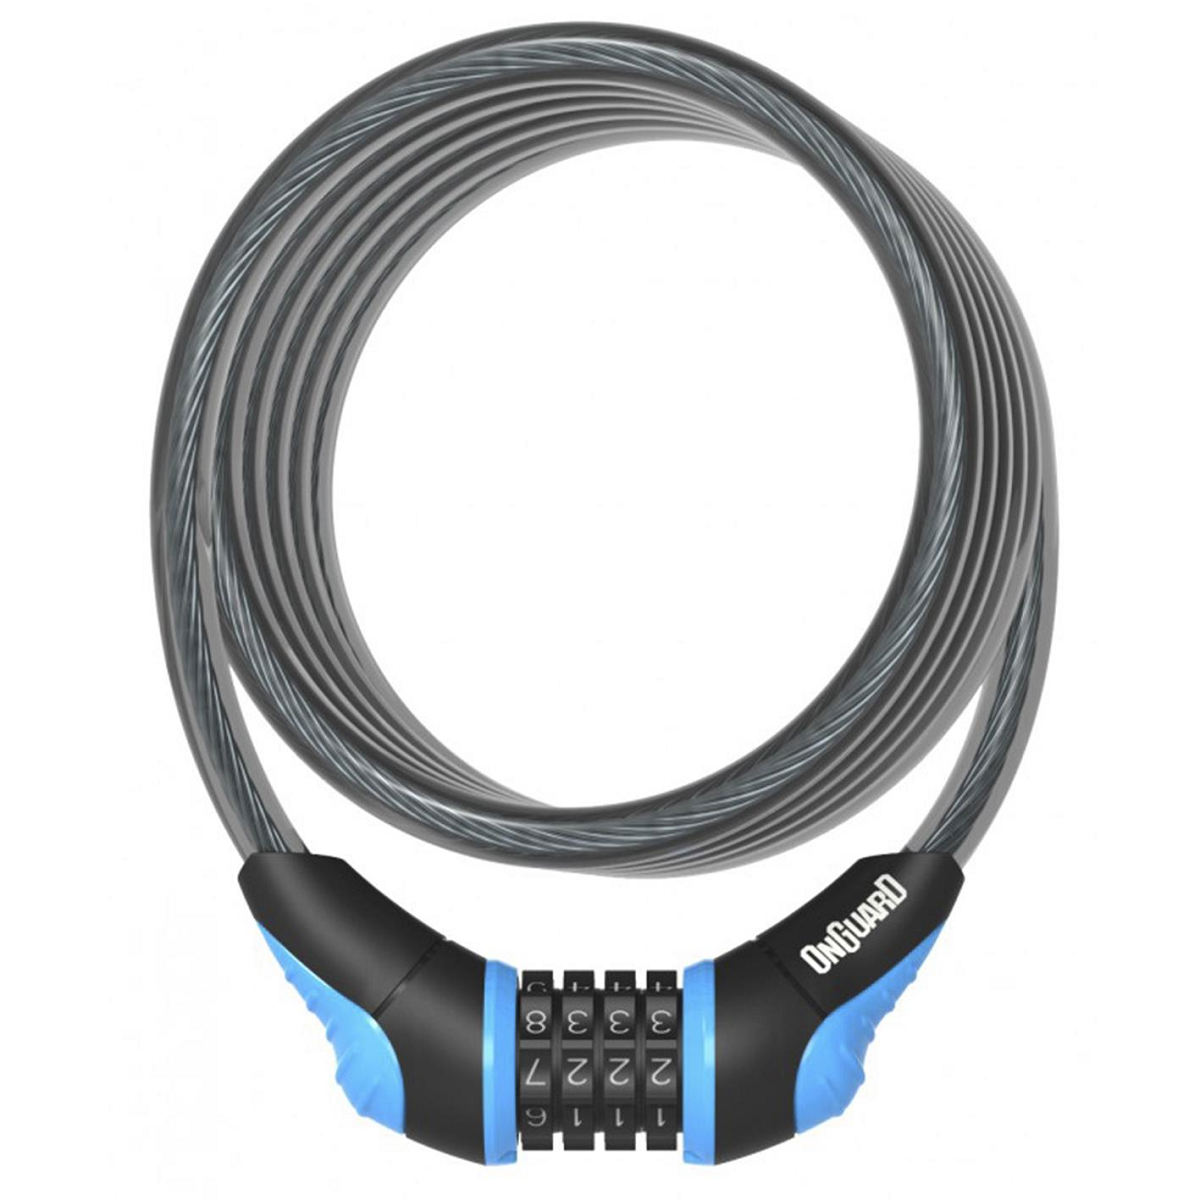 Cadeado Onguard Neon 8169 C/Segredo Azul